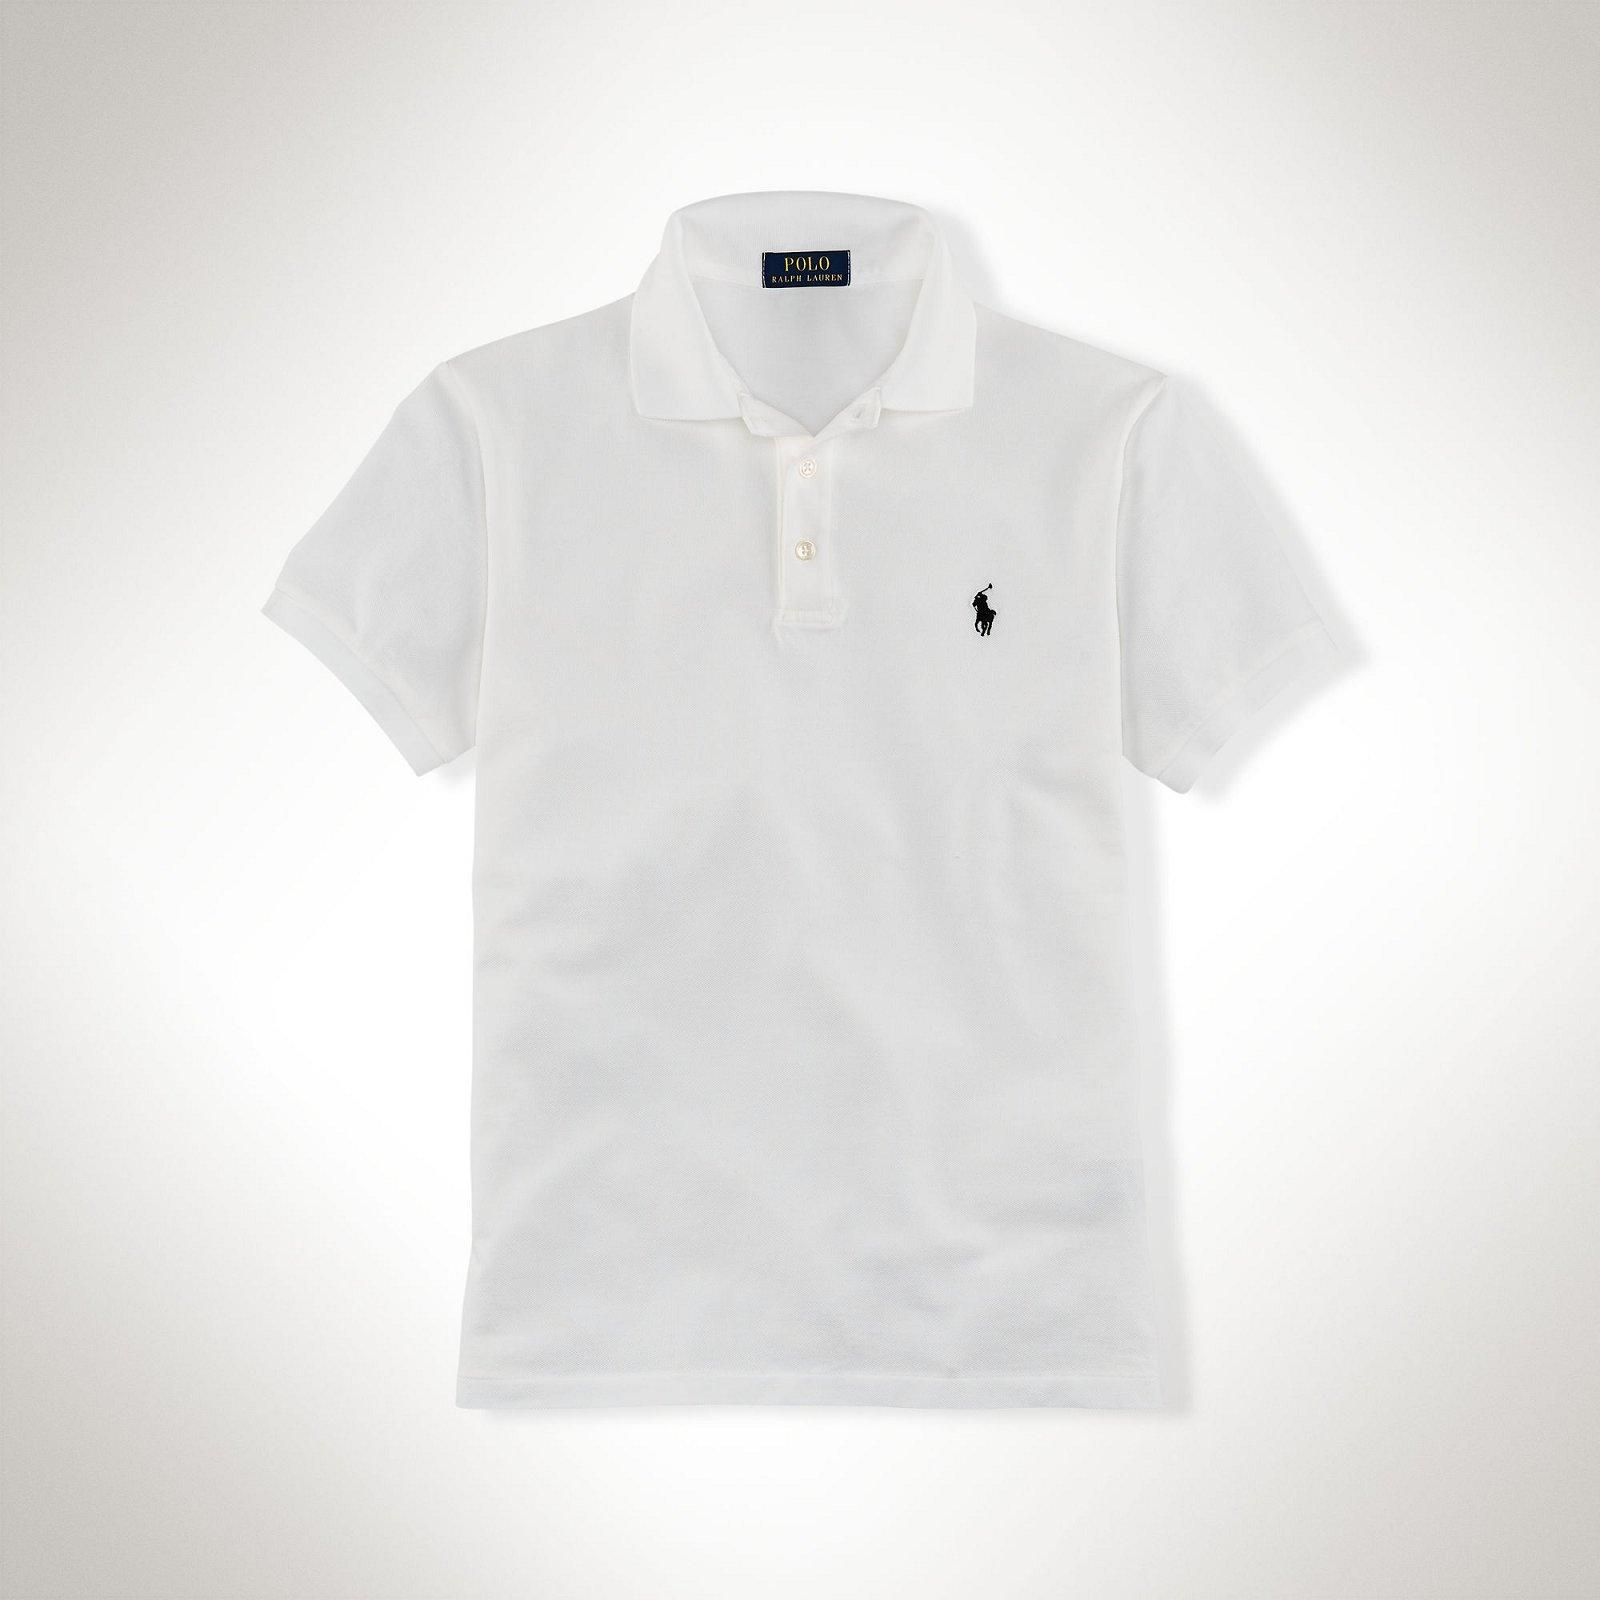 Blanc Blanc Ralph Polo Strech Ralph Lauren Strech Polo Polo Ralph Lauren Lauren 0nOwPk